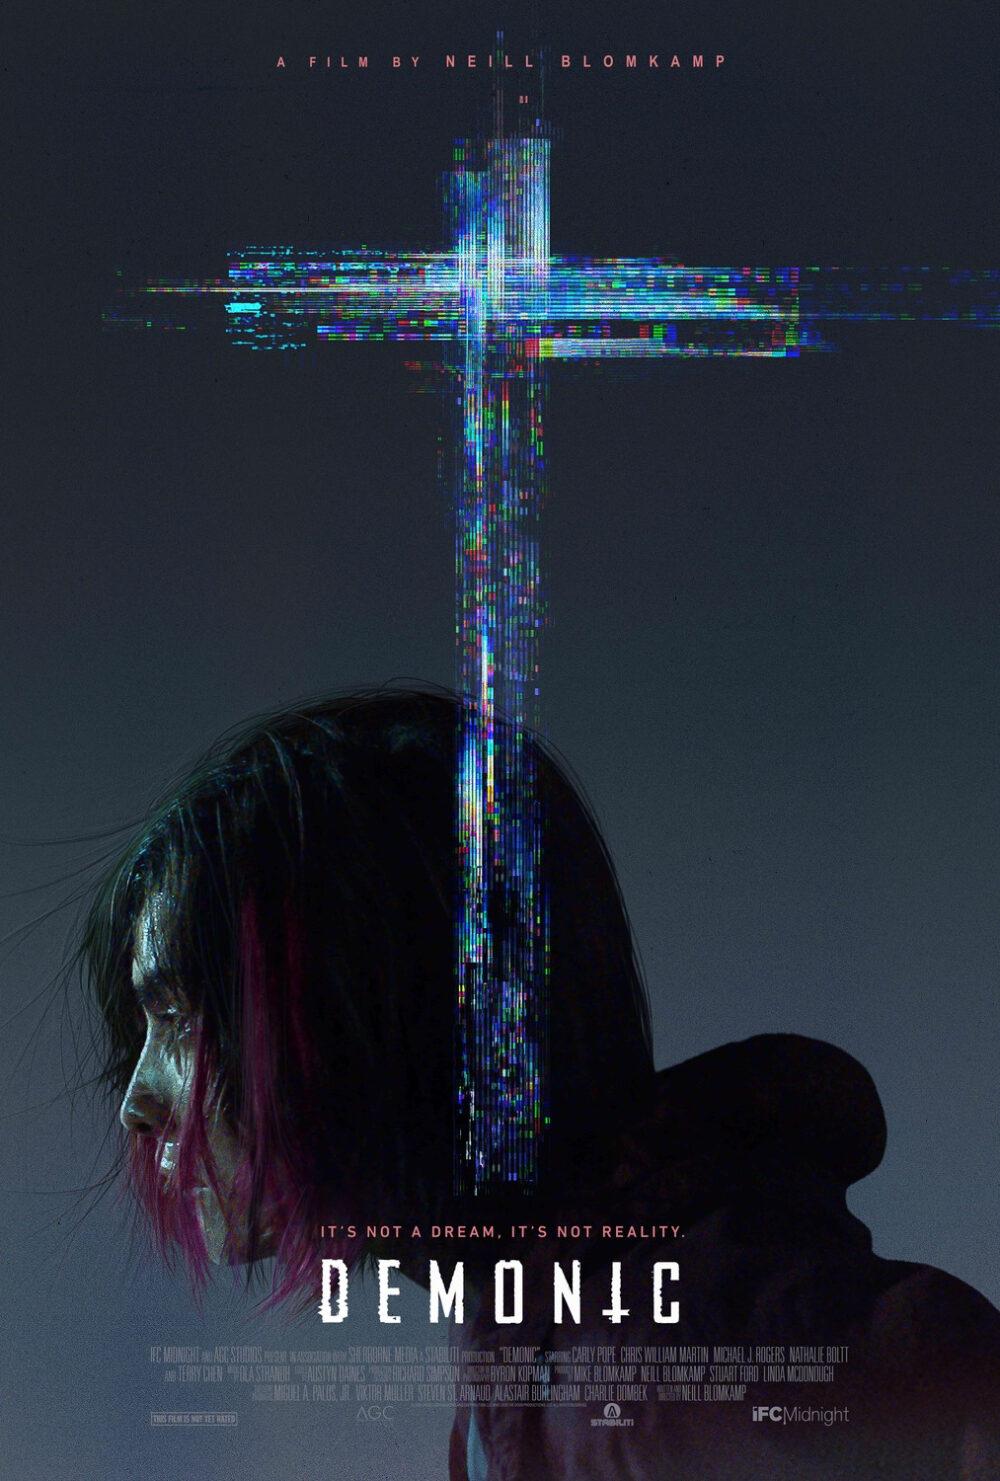 demonic-trailer-e-poster-del-film-horror-di-neill-blomkamp